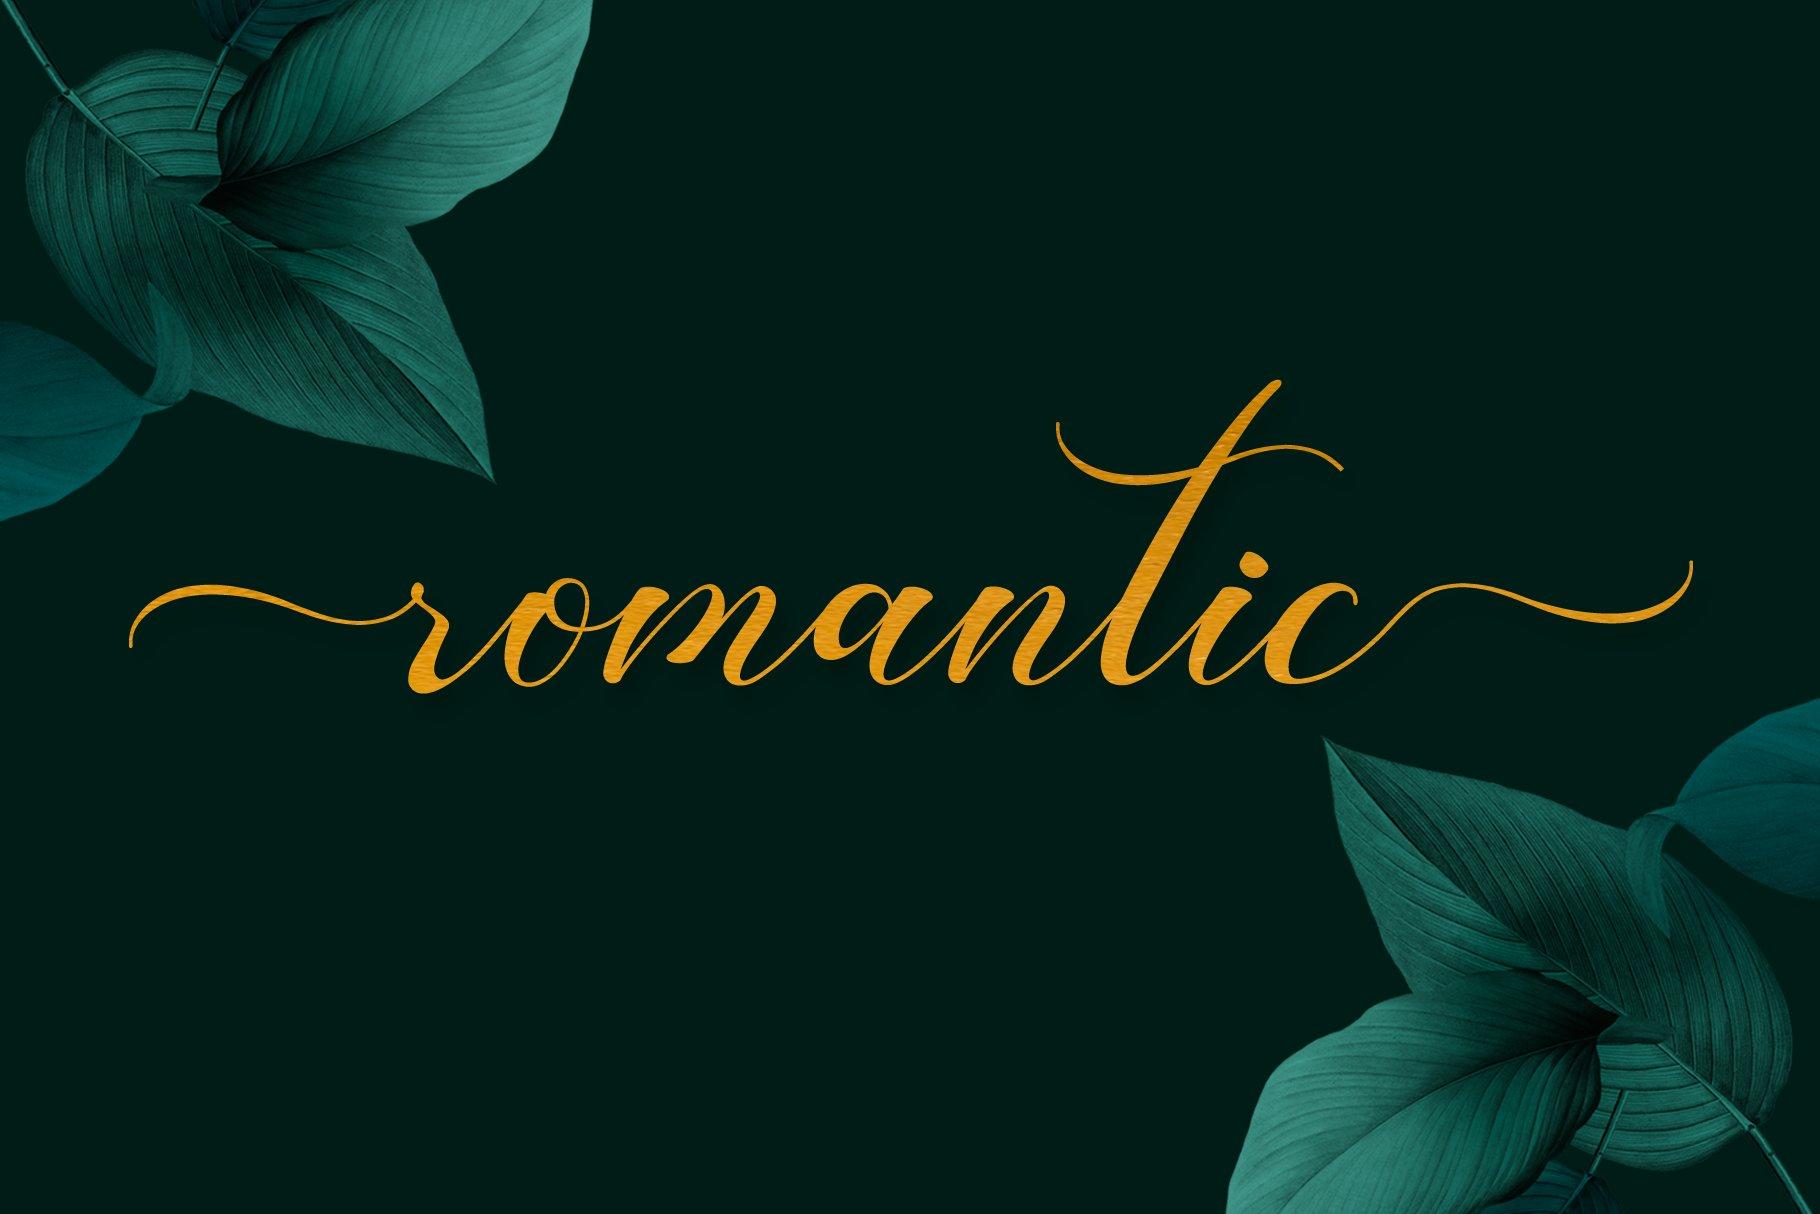 Romansan | Romantic Calligraphy example image 17